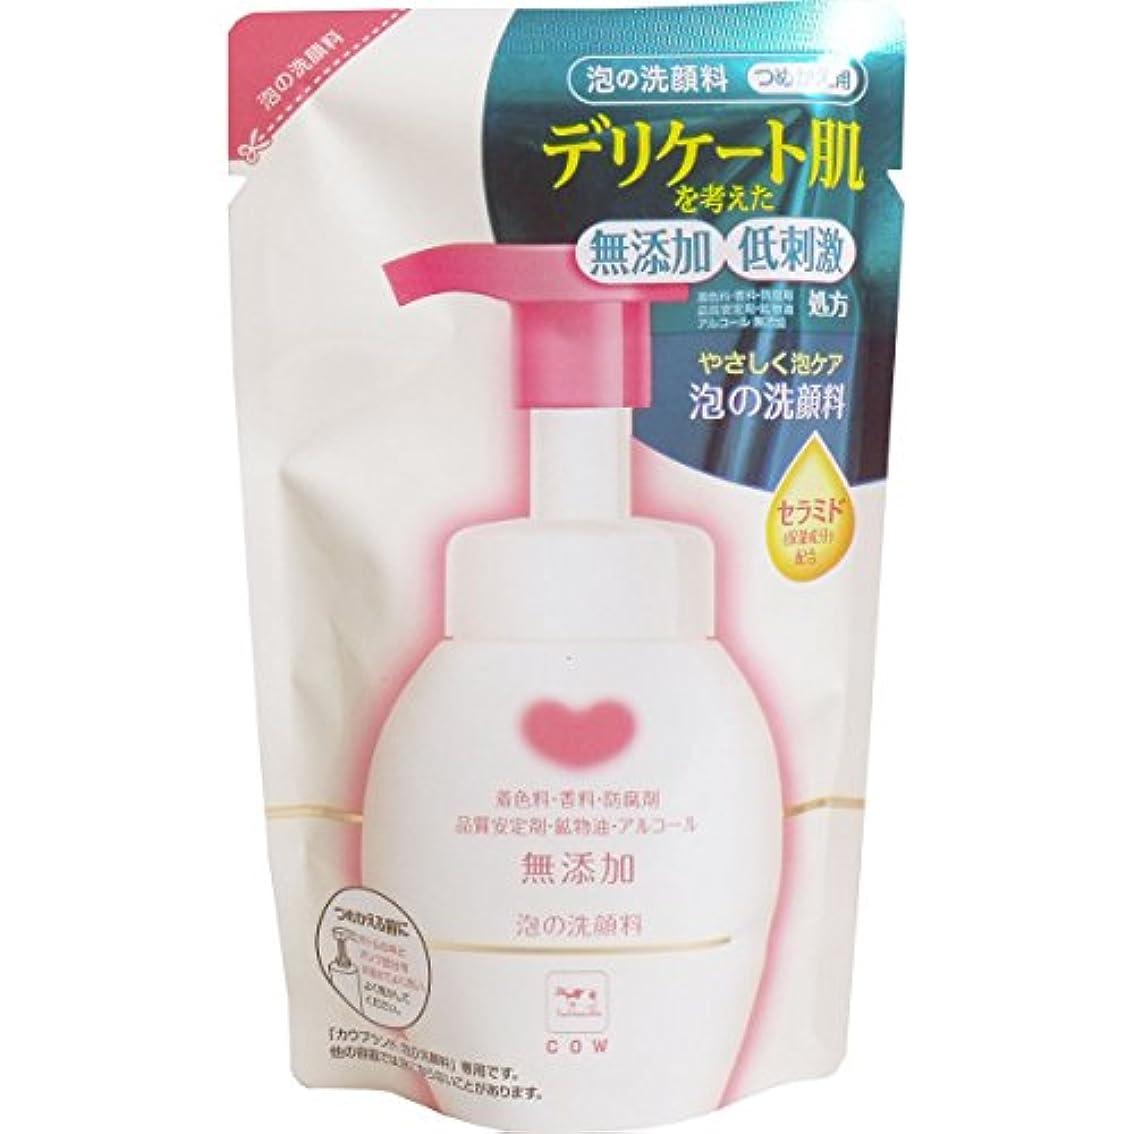 だらしない手つかずのテンポカウブランド 無添加泡の洗顔料 詰替用?180ml × 5個セット